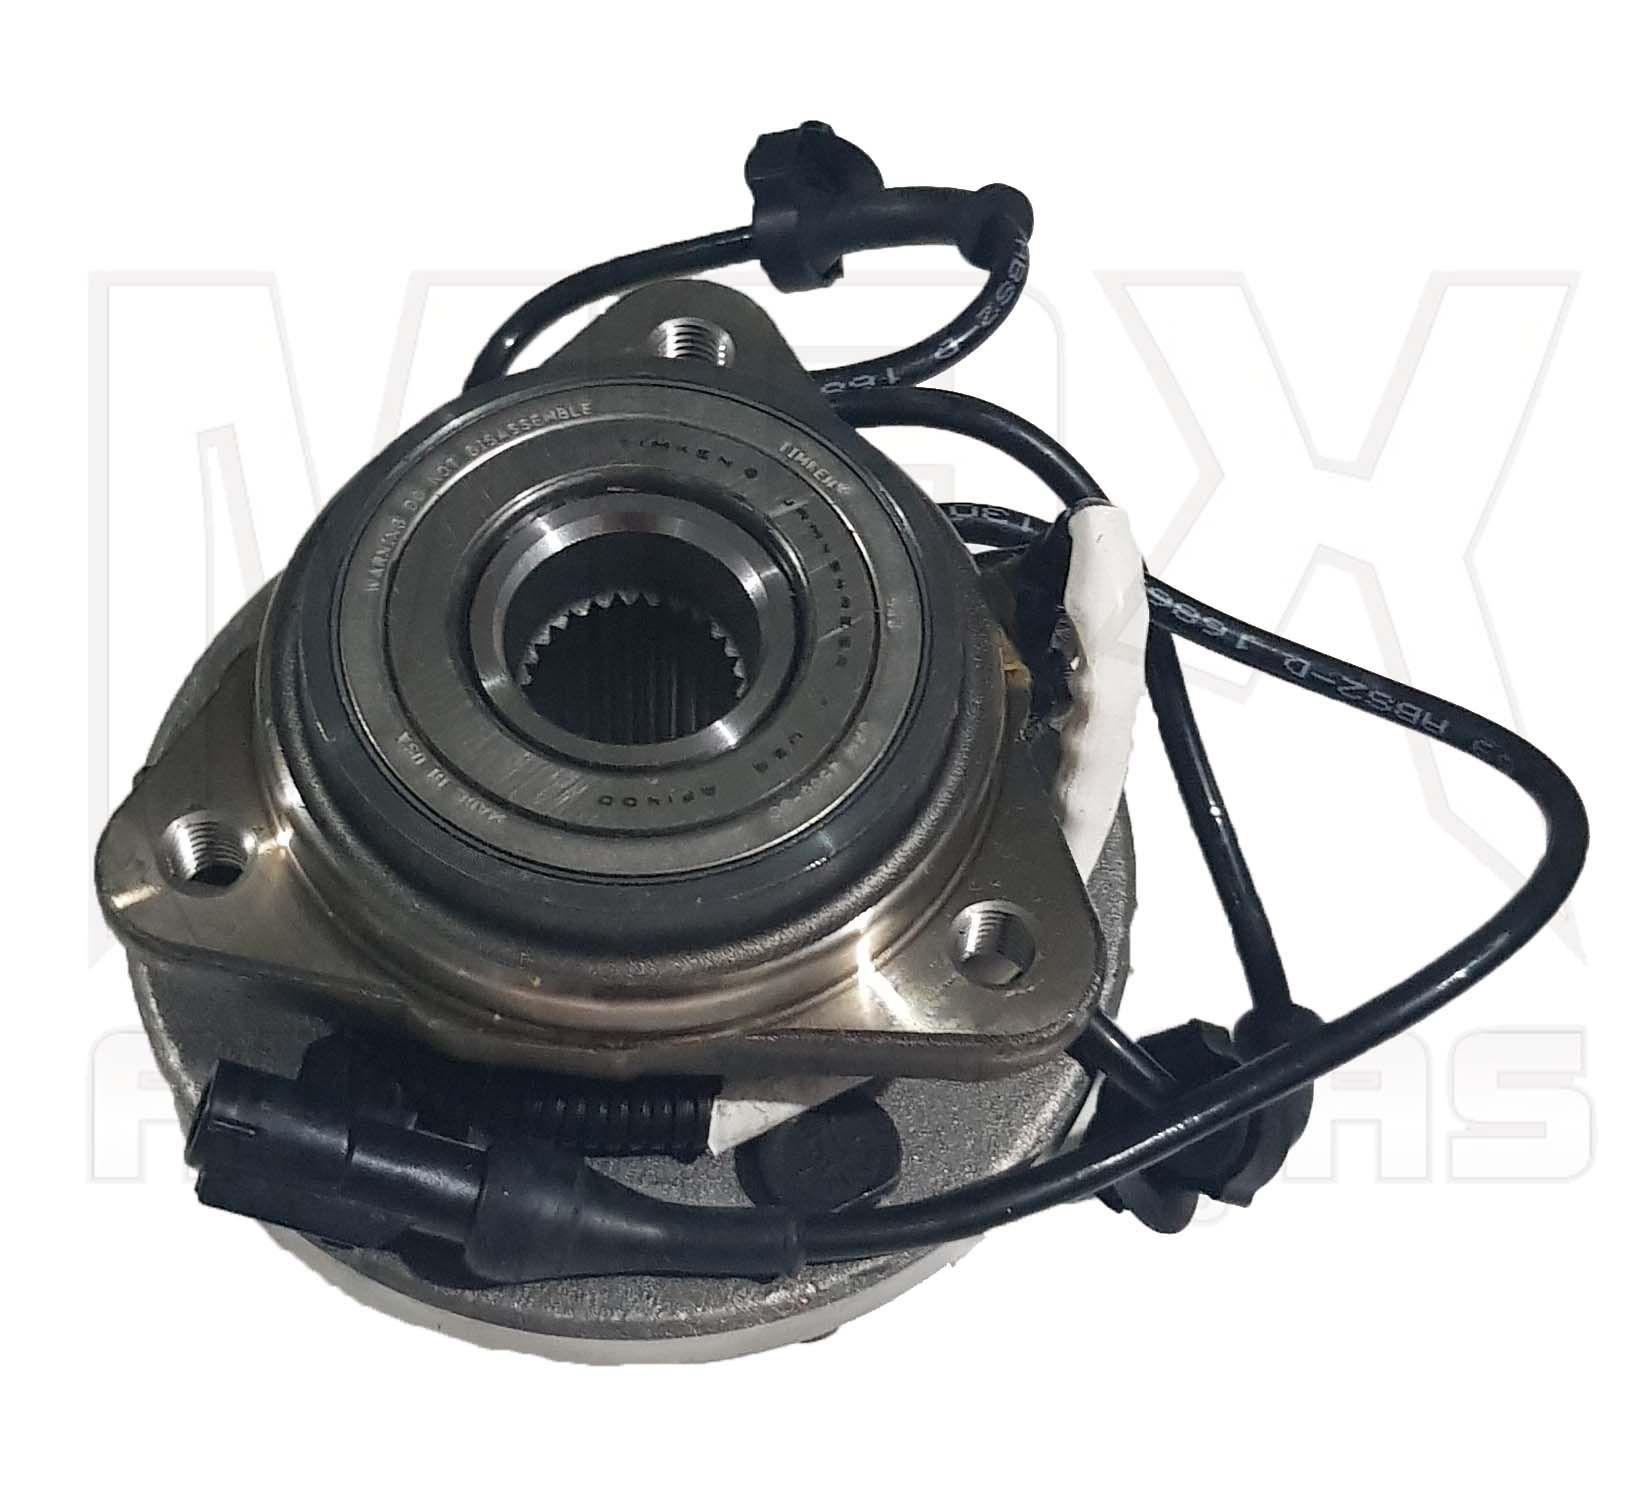 Cubo Rolamento da Roda do Eixo Dianteiro (Com ABS) Ranger 2000 2001 à 2012 Original